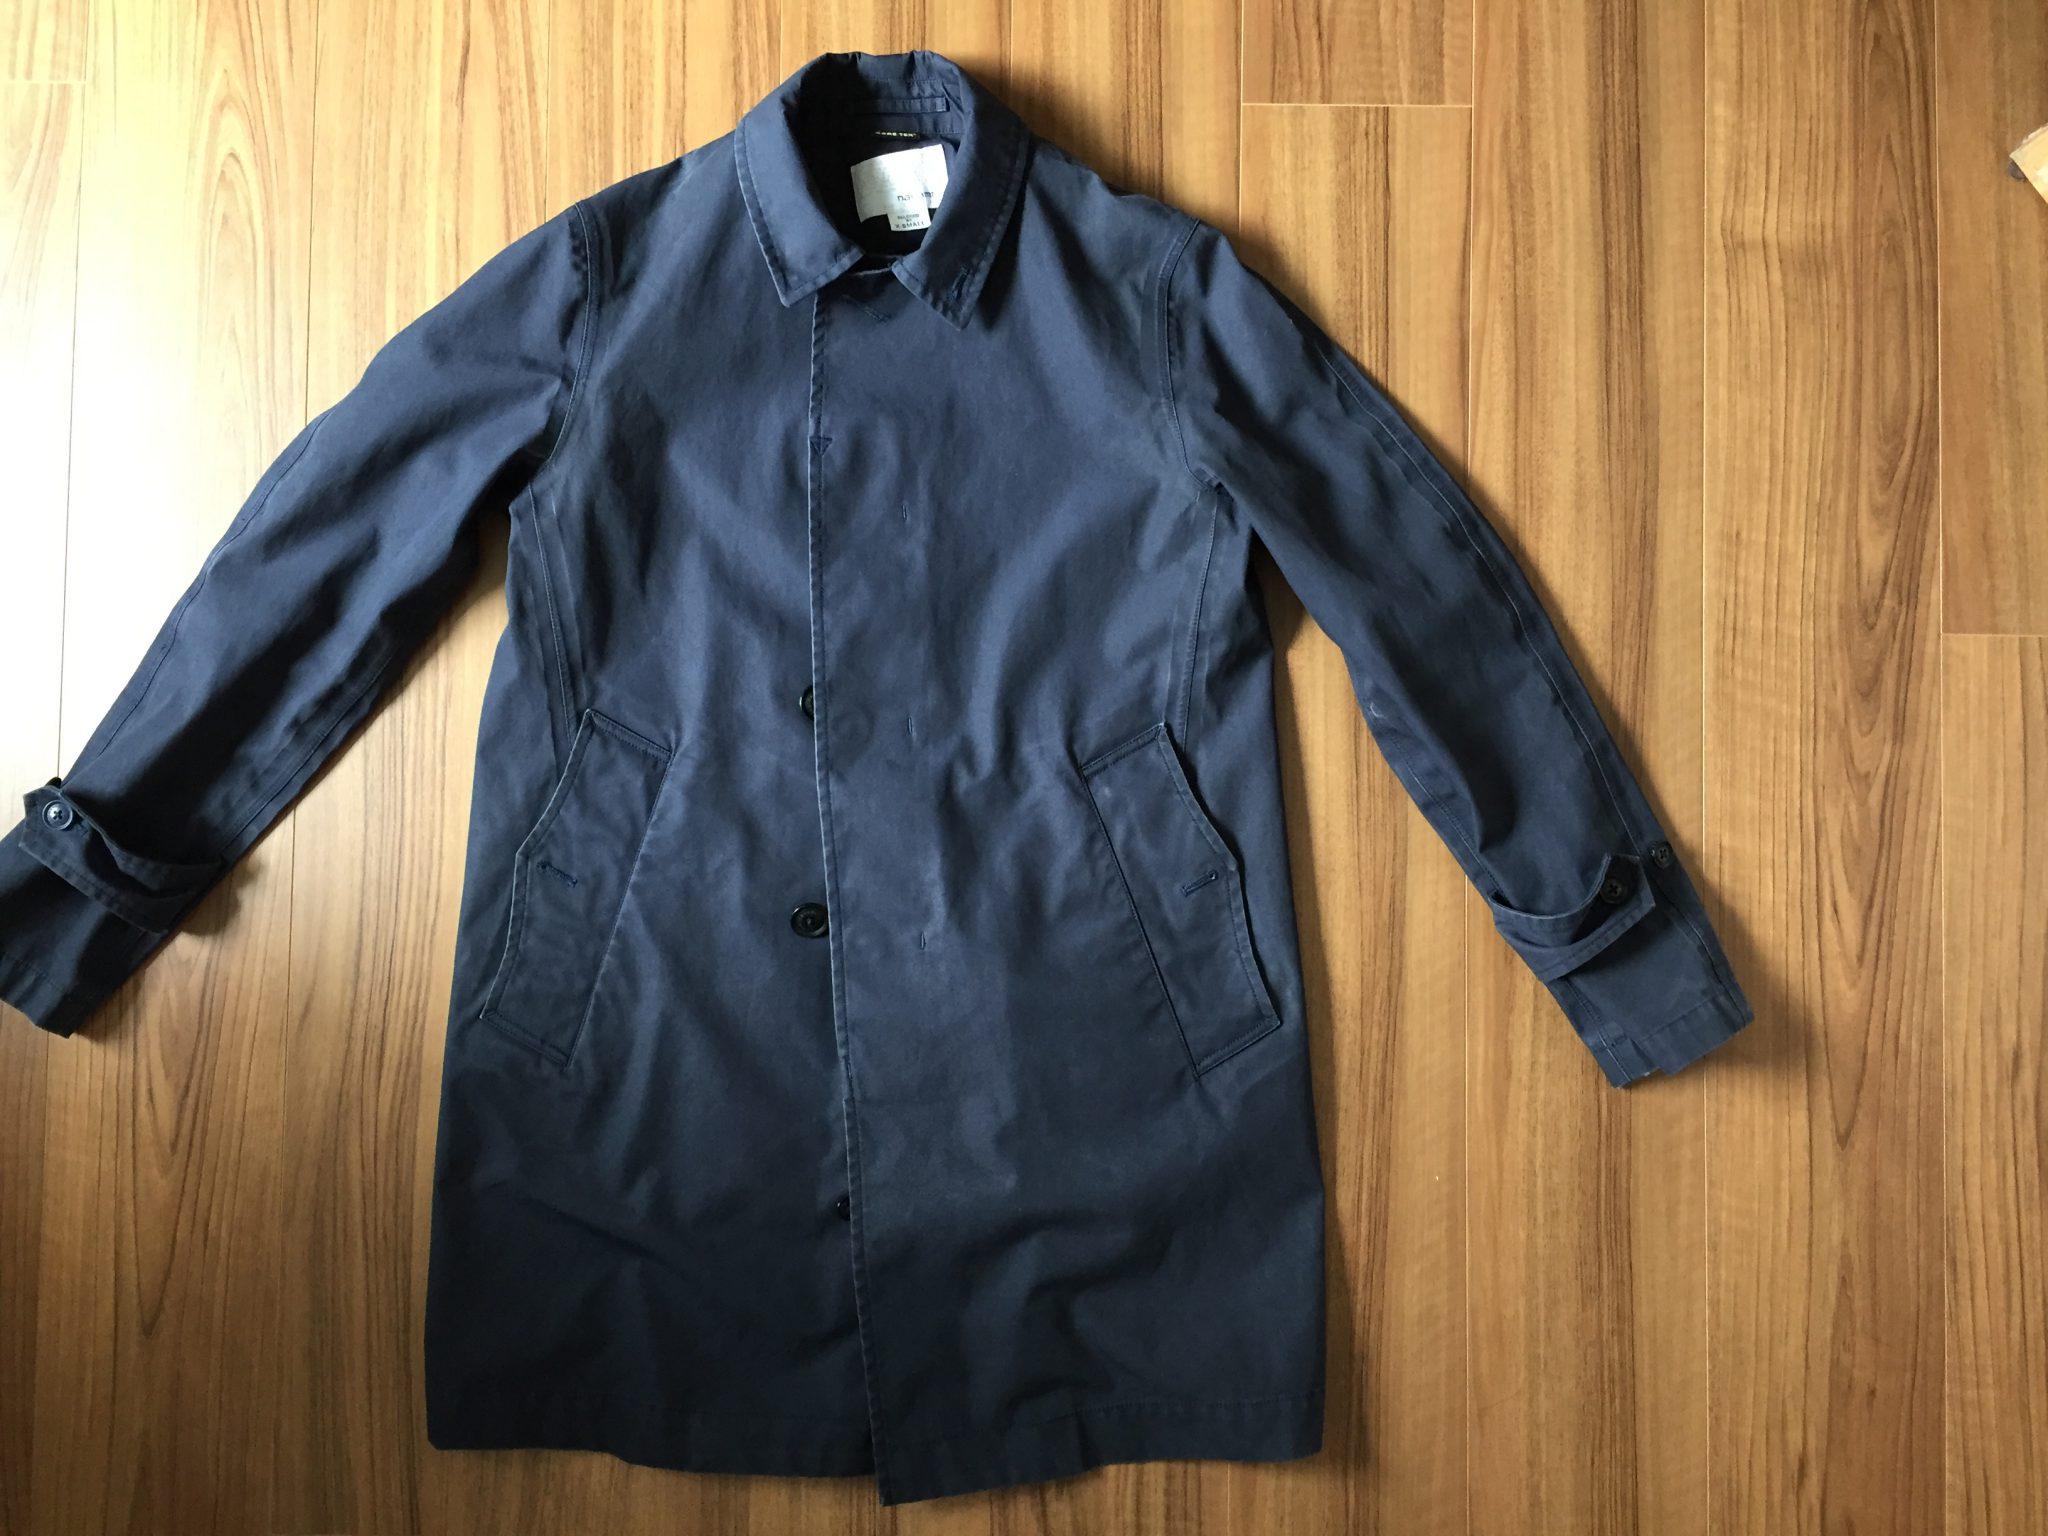 ナナミカ ゴアテックス ステンカラーコート(nanamica GORE-TEX Soutien Collar Coat)|自宅ではじめての洗濯~購入当時とエイジング(経年変化)を比較します